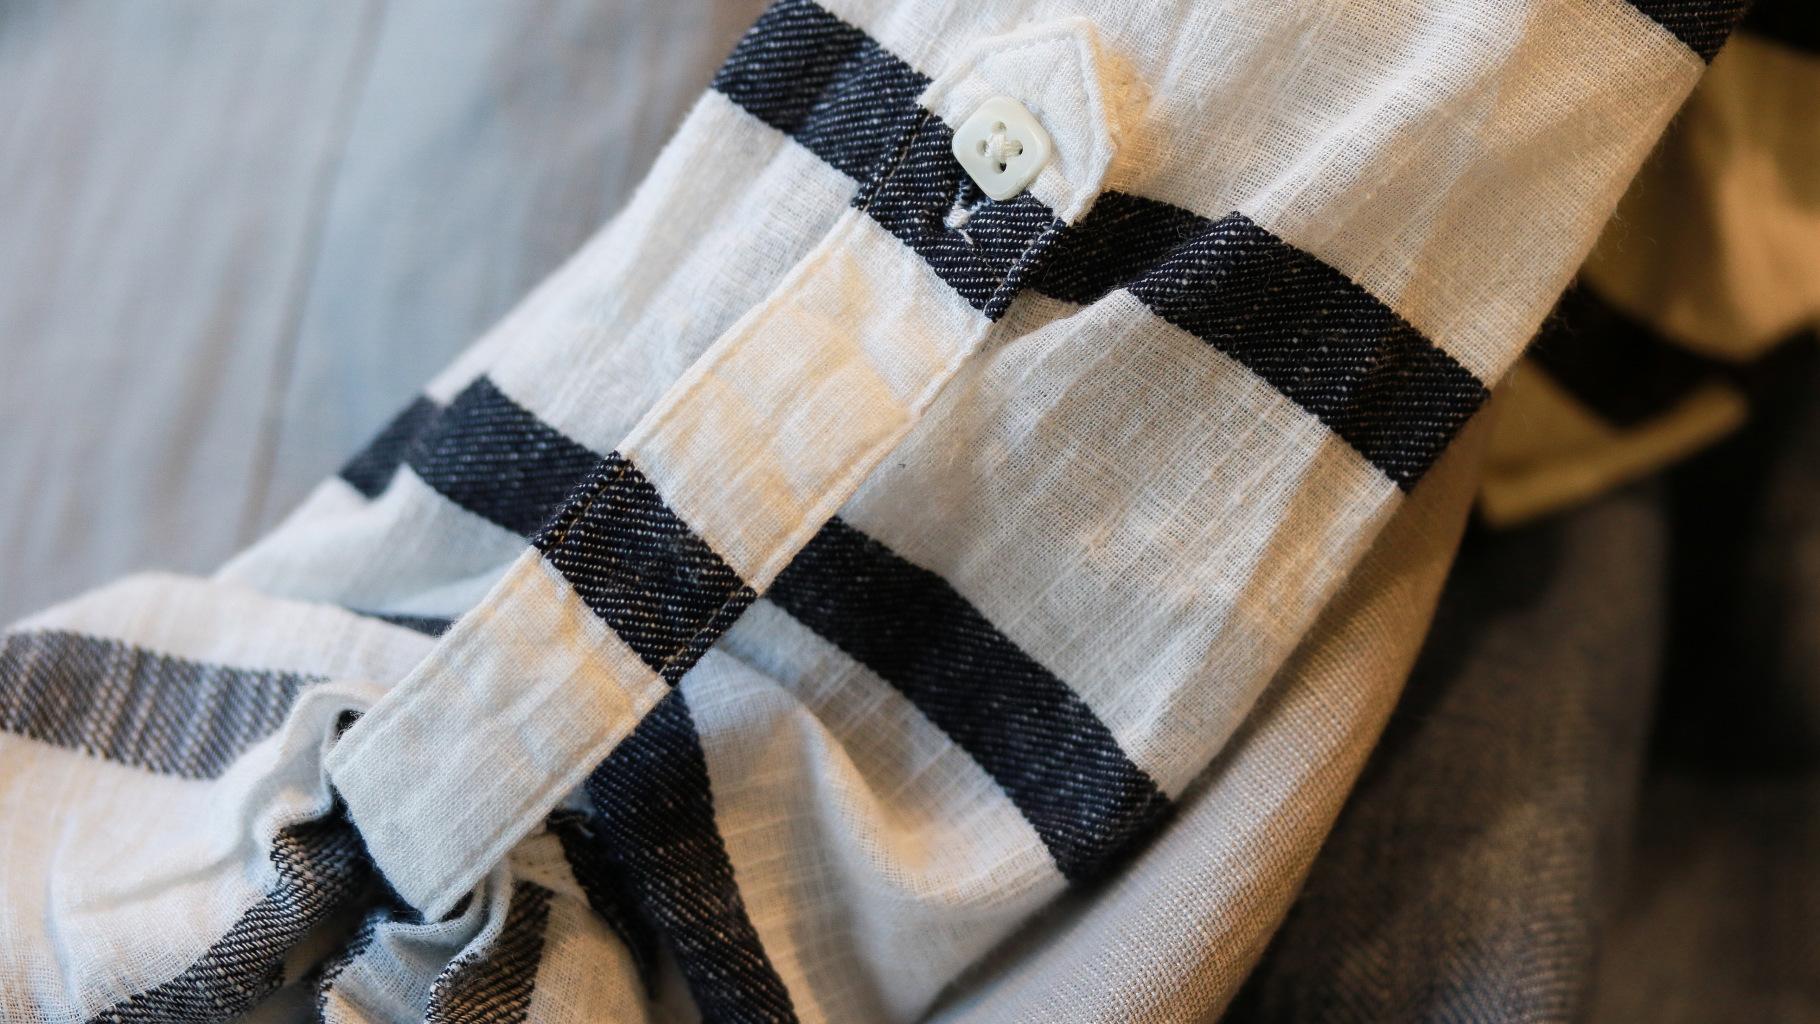 Maritime Kleidung können Sie im Oxfam Shop kaufen.